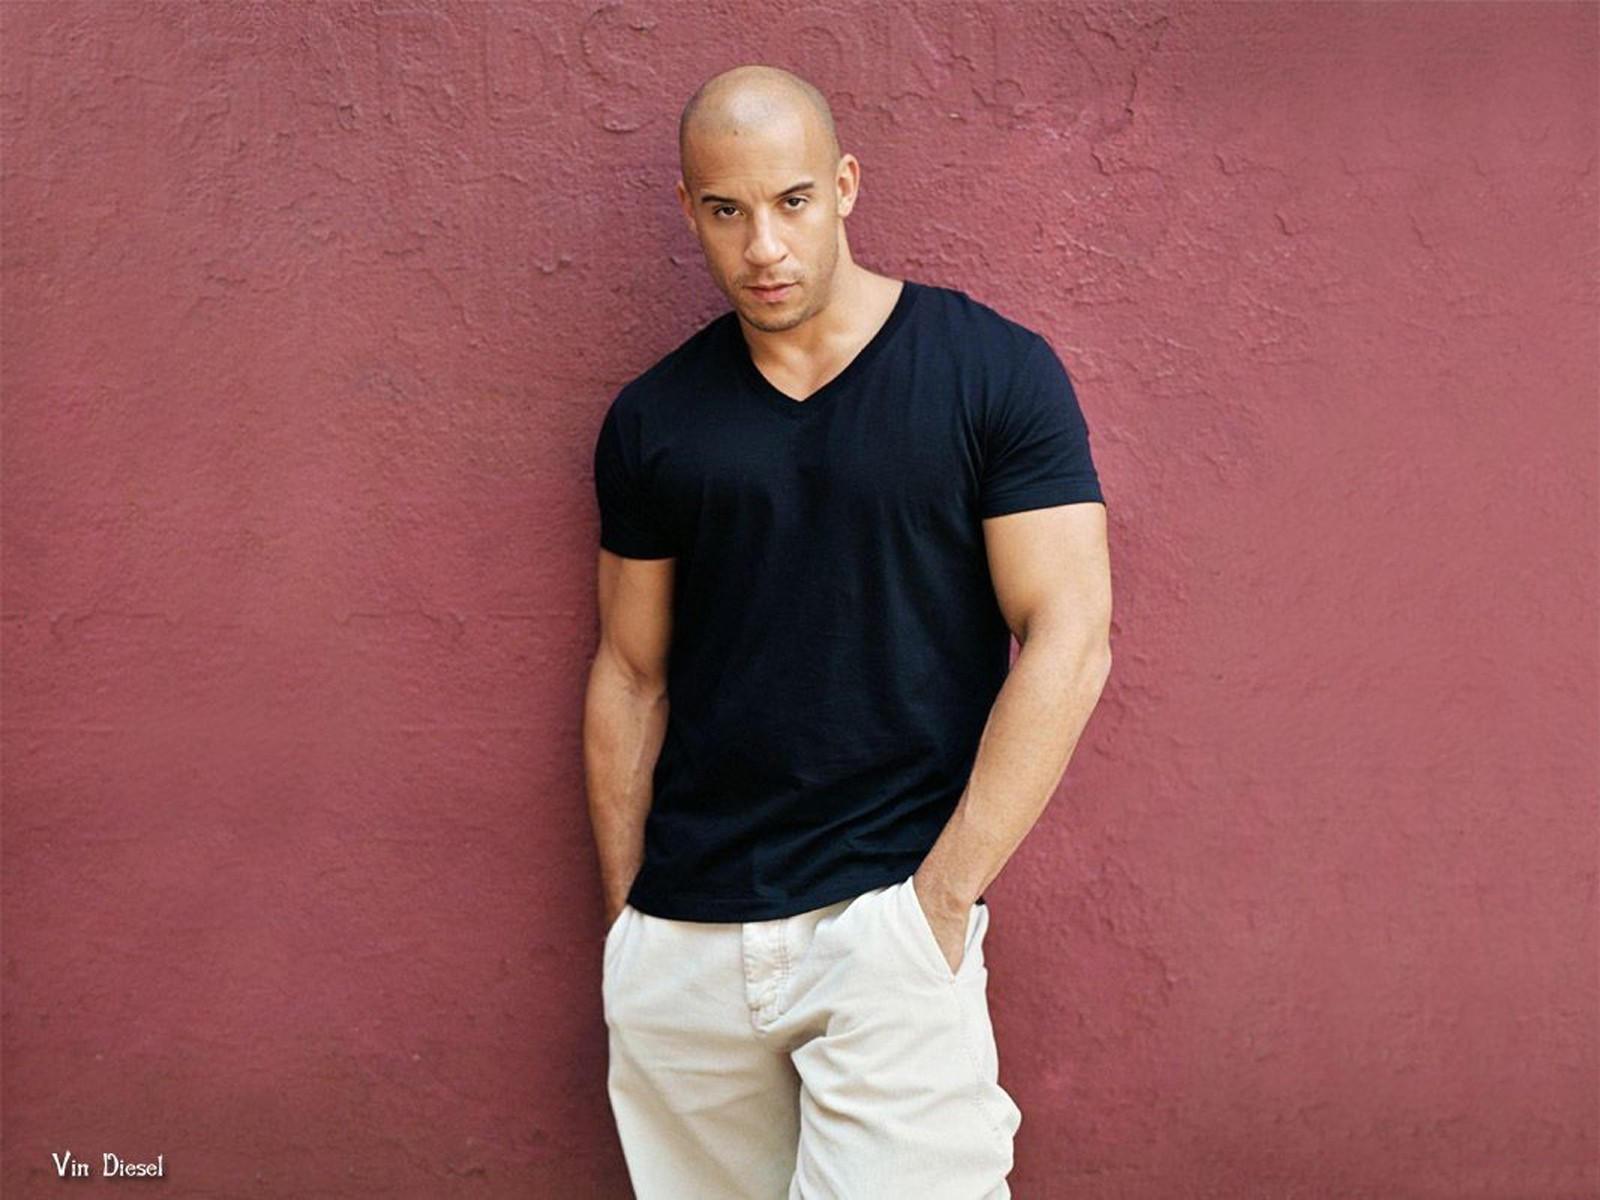 Рабочего стола Vin Diesel ( Вин Дизель ) - Знаменитости : 49773 в исти…